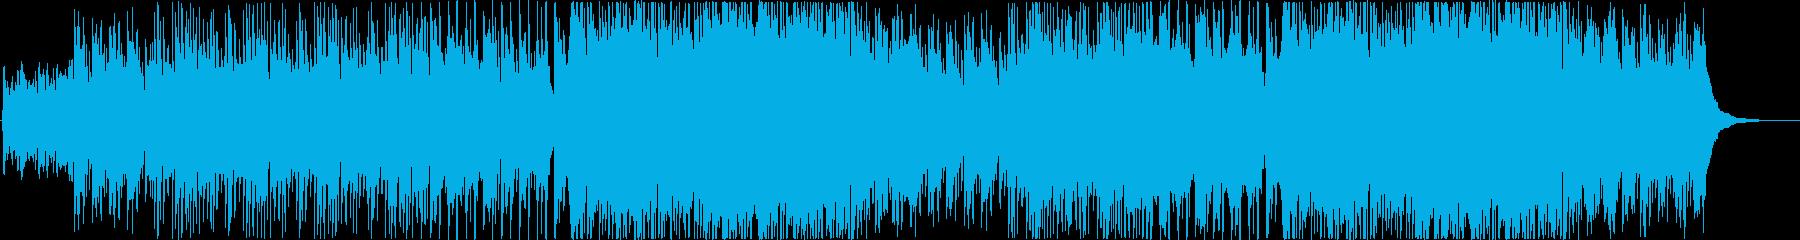 ピアノが煌びやかなジャズワルツaの再生済みの波形